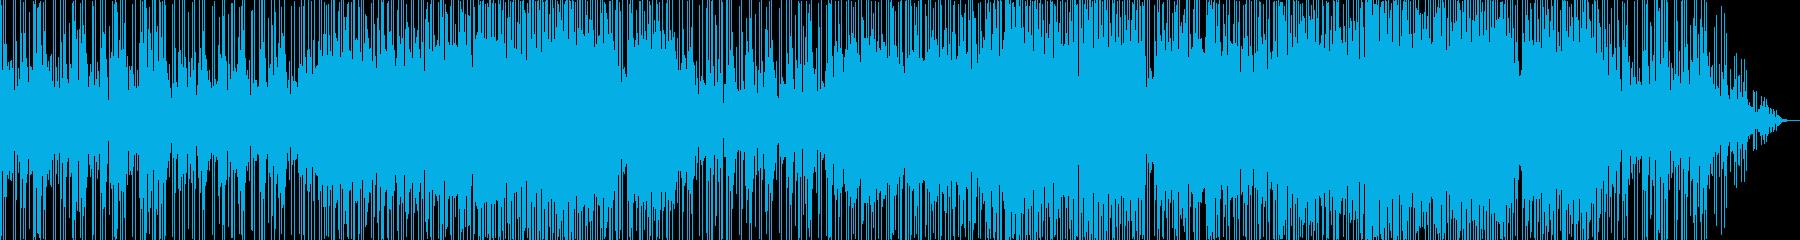 明るく軽快なシャッフルバラードの再生済みの波形